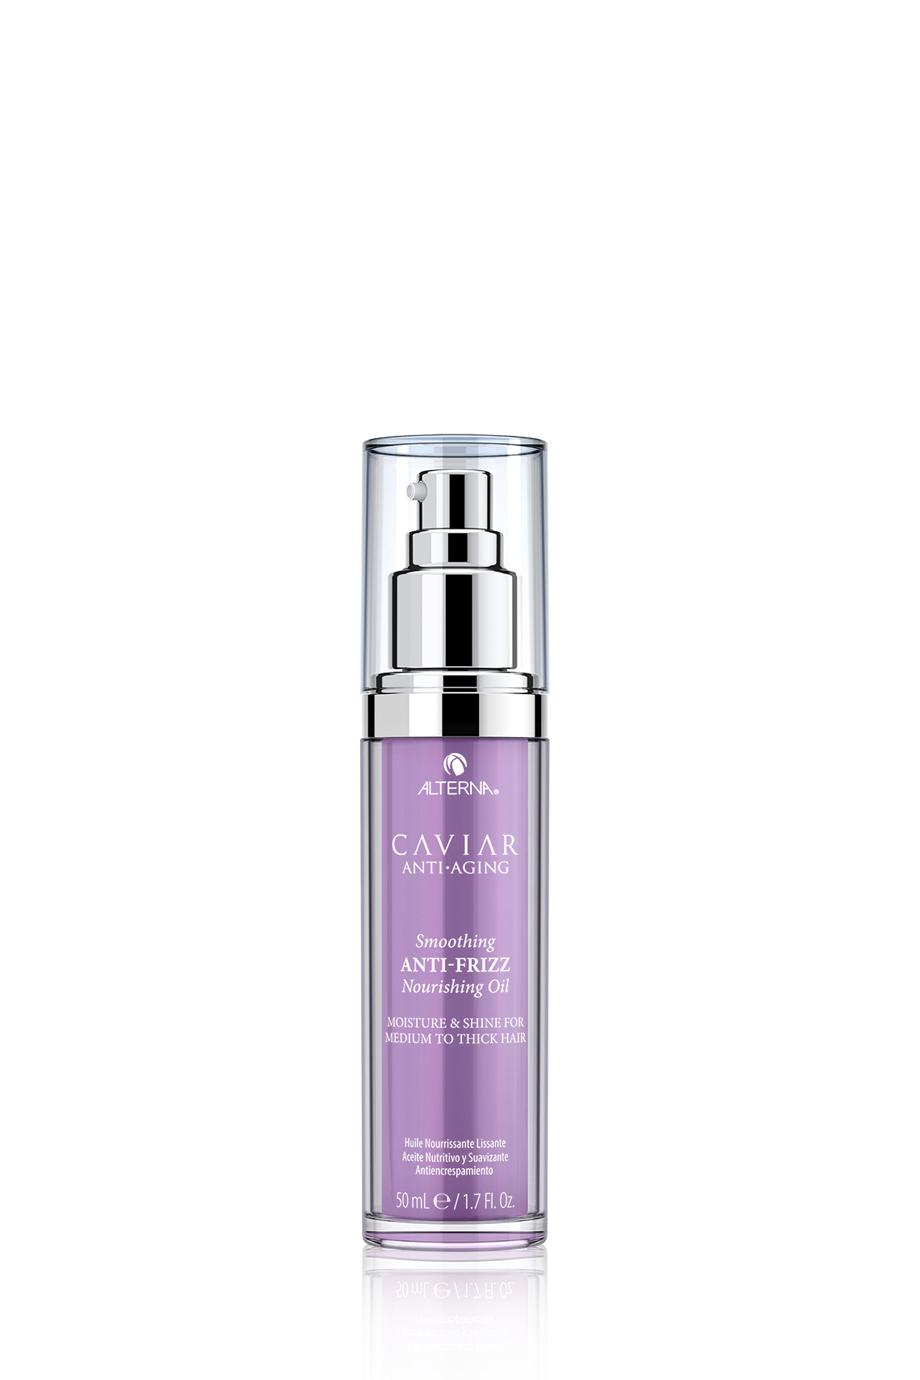 CAVIAR Anti-Aging Smoothing Anti-Frizz Nourishing Oil Питательное полирующее масло для контроля и гладкости волос, 50 мл